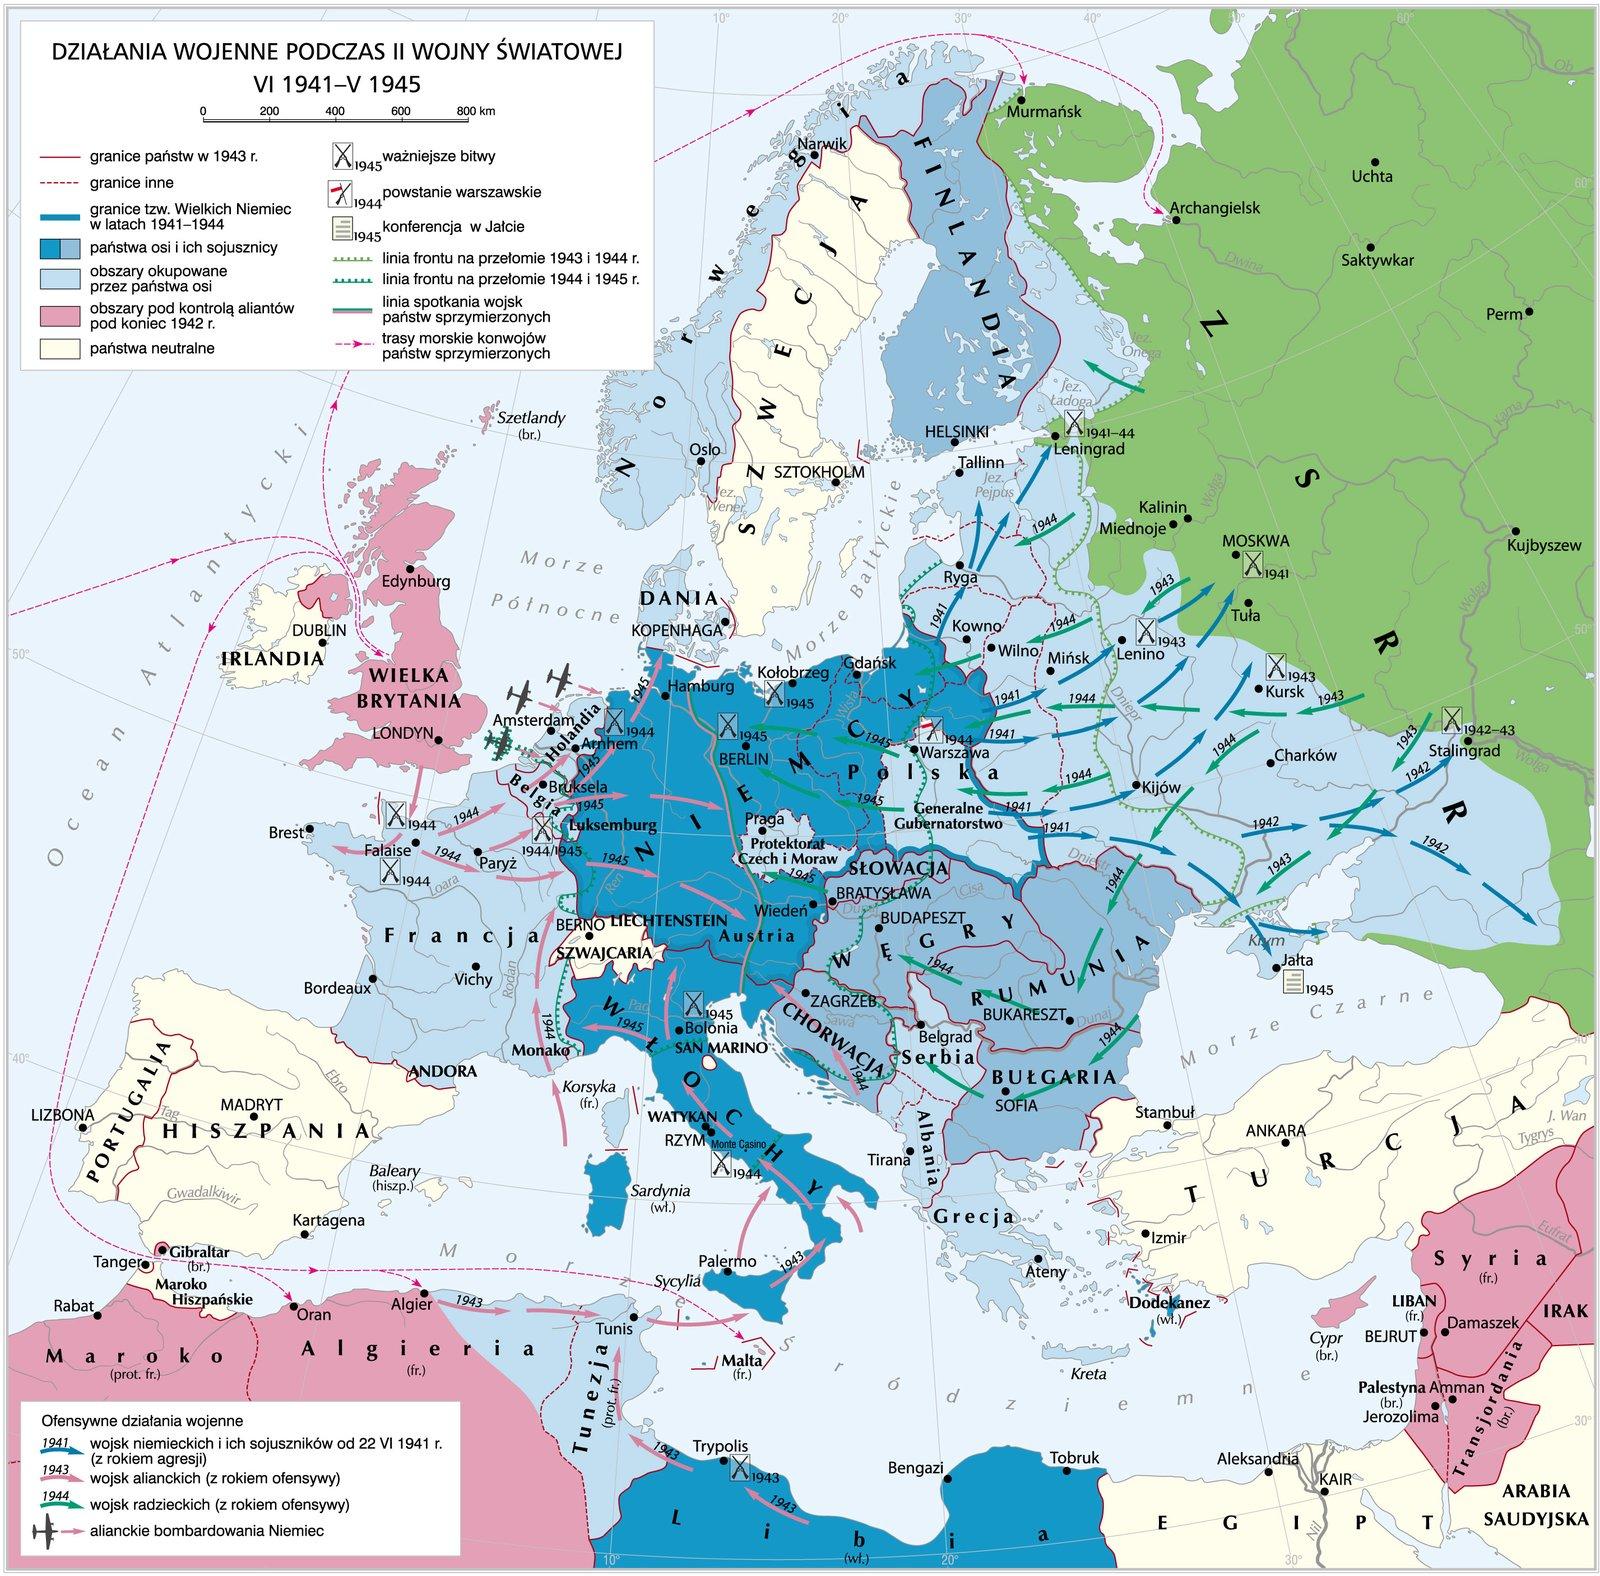 IIwojna światowawEuropie wlatach1941–1945 IIwojna światowawEuropie wlatach1941–1945 Źródło: Krystian Chariza izespół, licencja: CC BY 3.0.